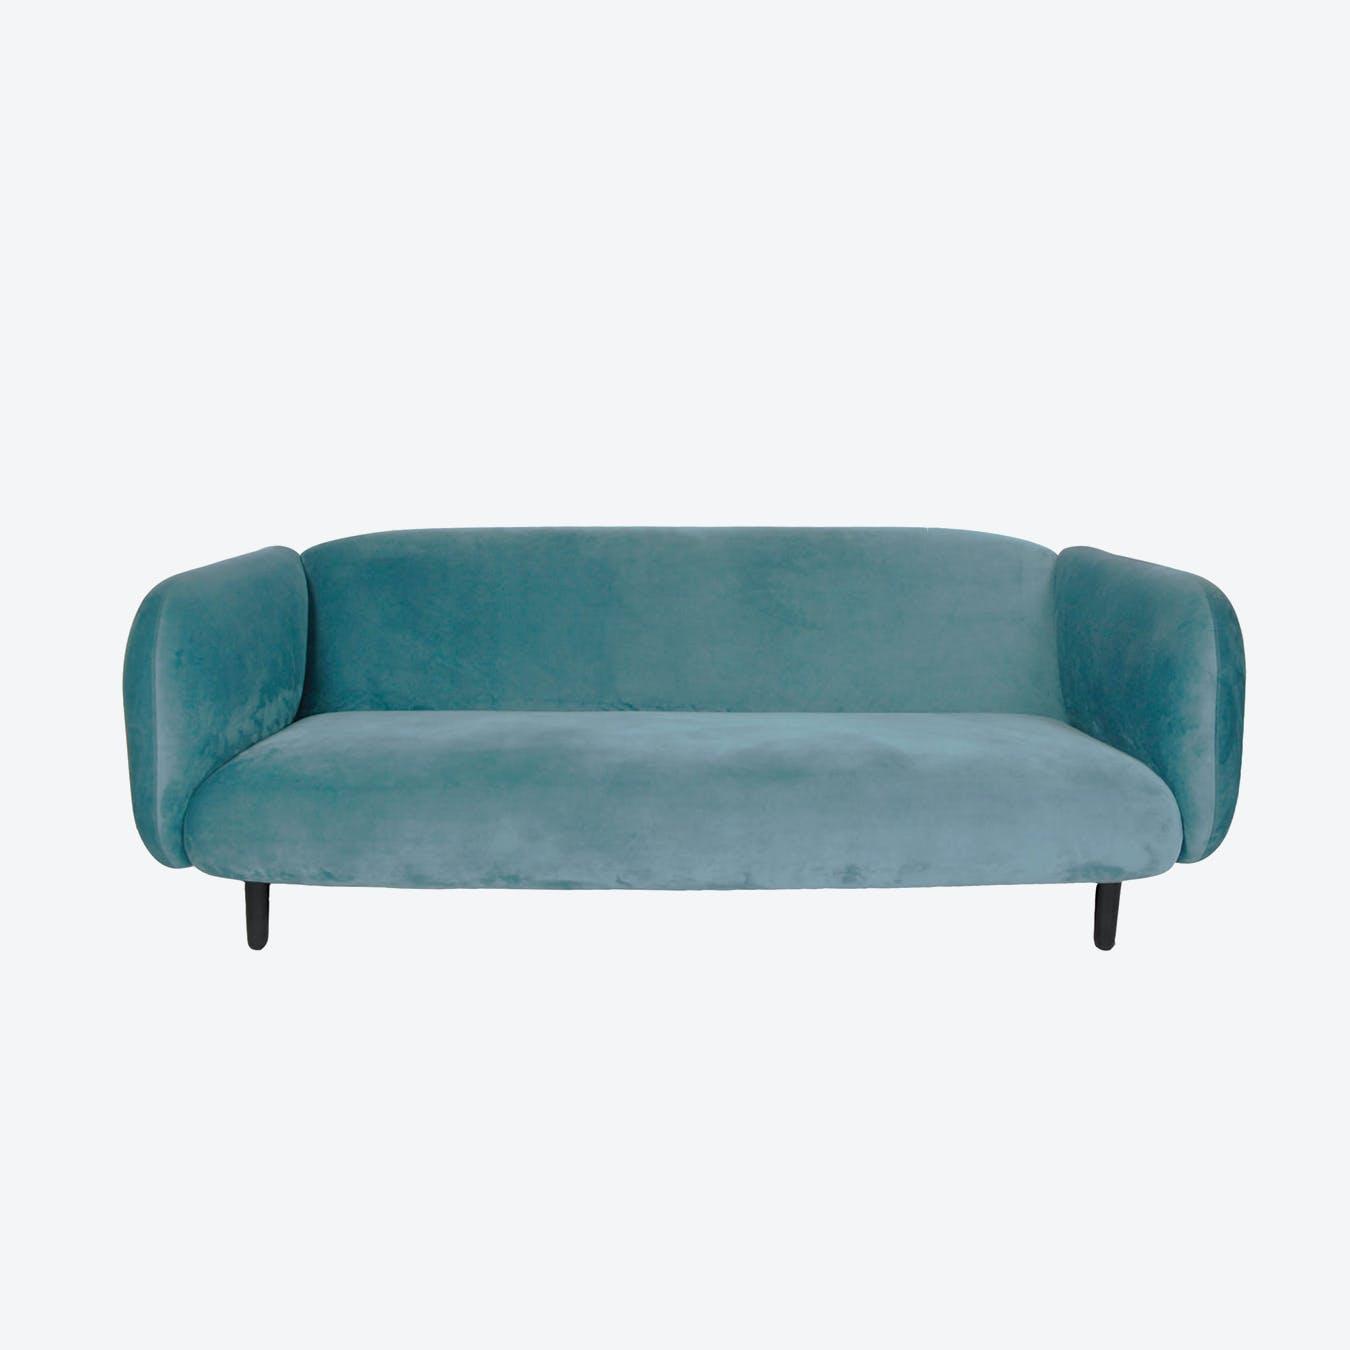 Velvet Moira Sofa - Sky Blue